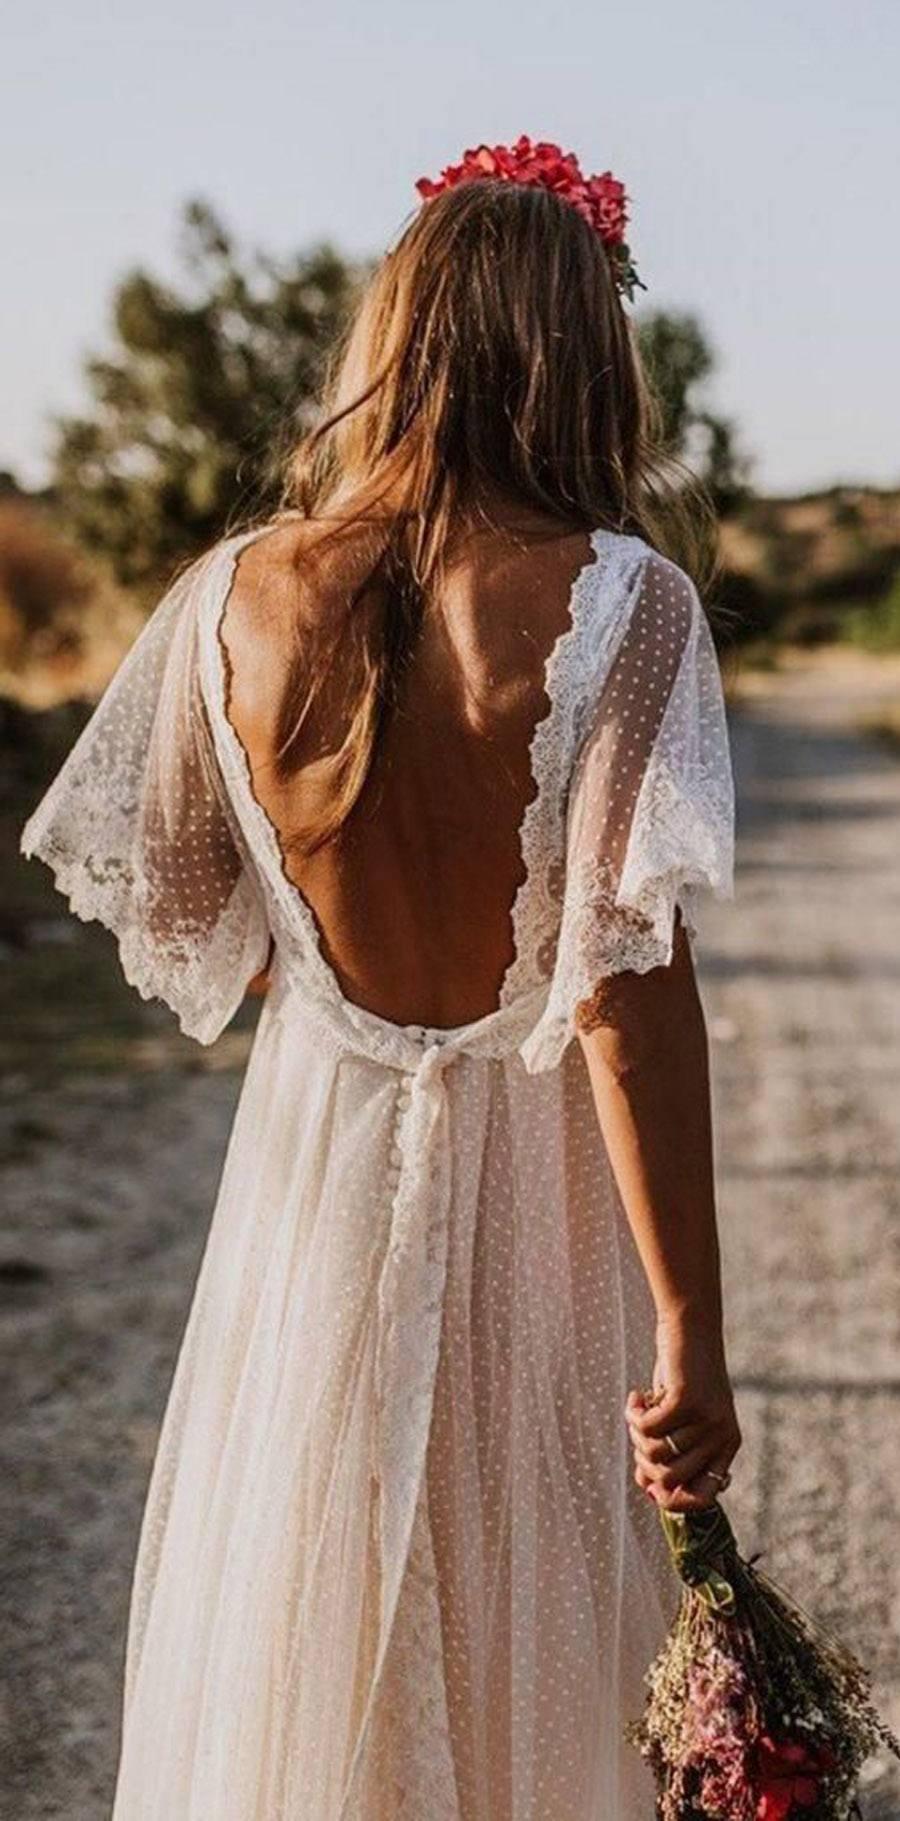 4 TENDENCIAS EN VESTIDOS DE NOVIA PARA 2020 vestido-novia-2020